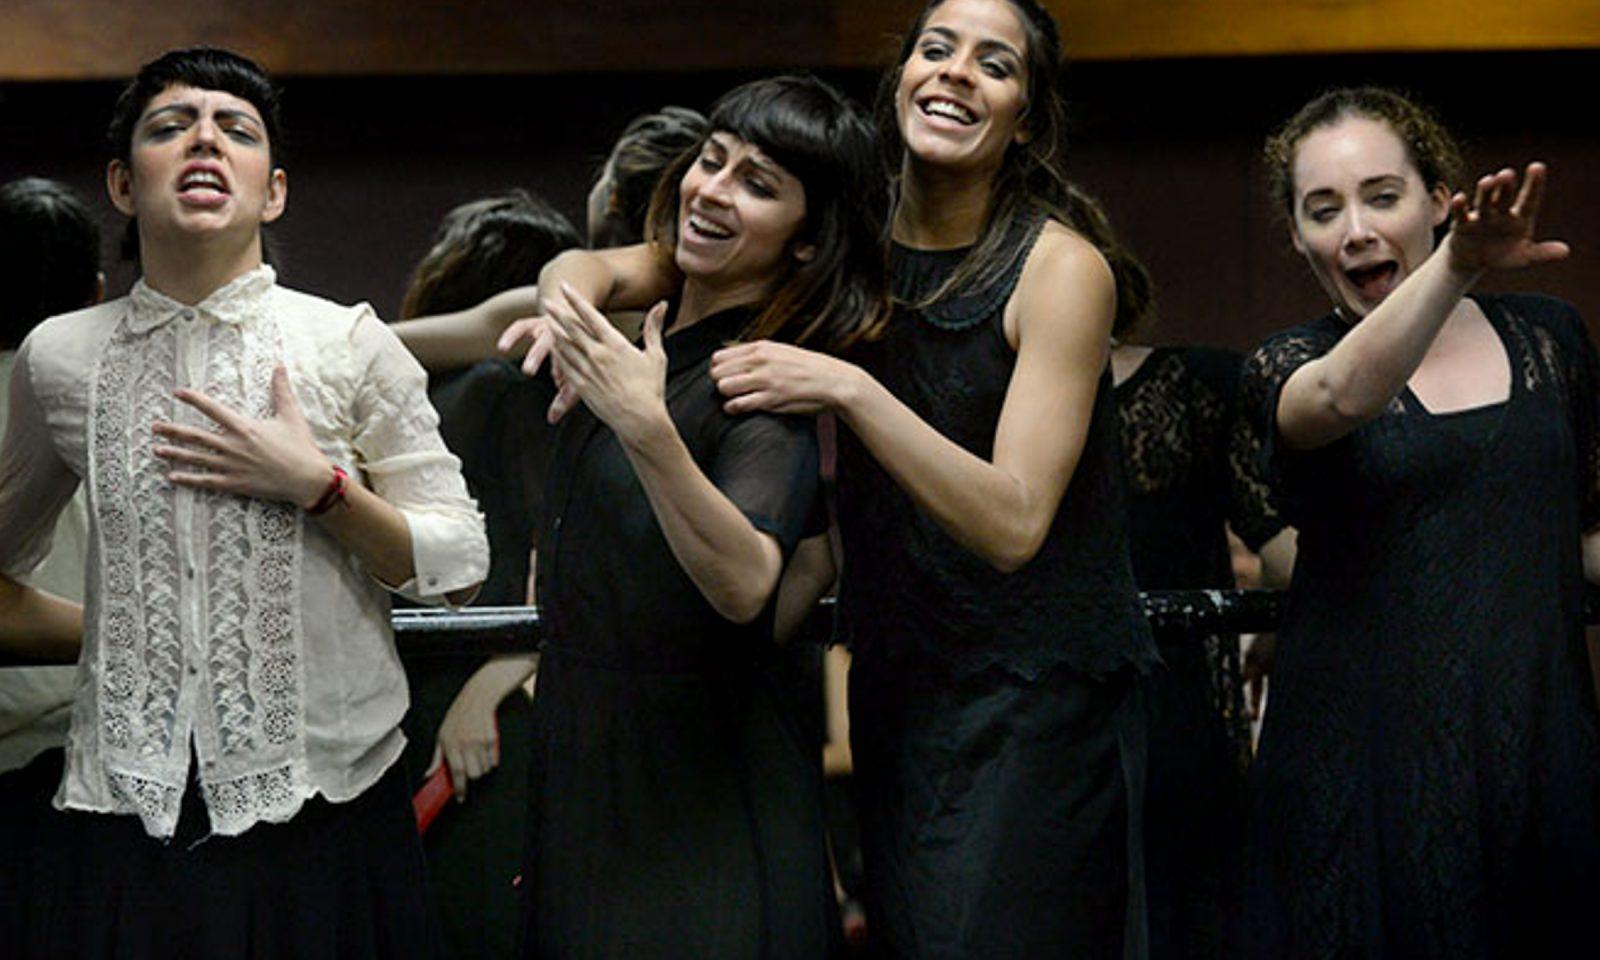 Pregones + Puerto Rican Travelling Theater, HIJ@S DE LA BERNARDA in The Bronx